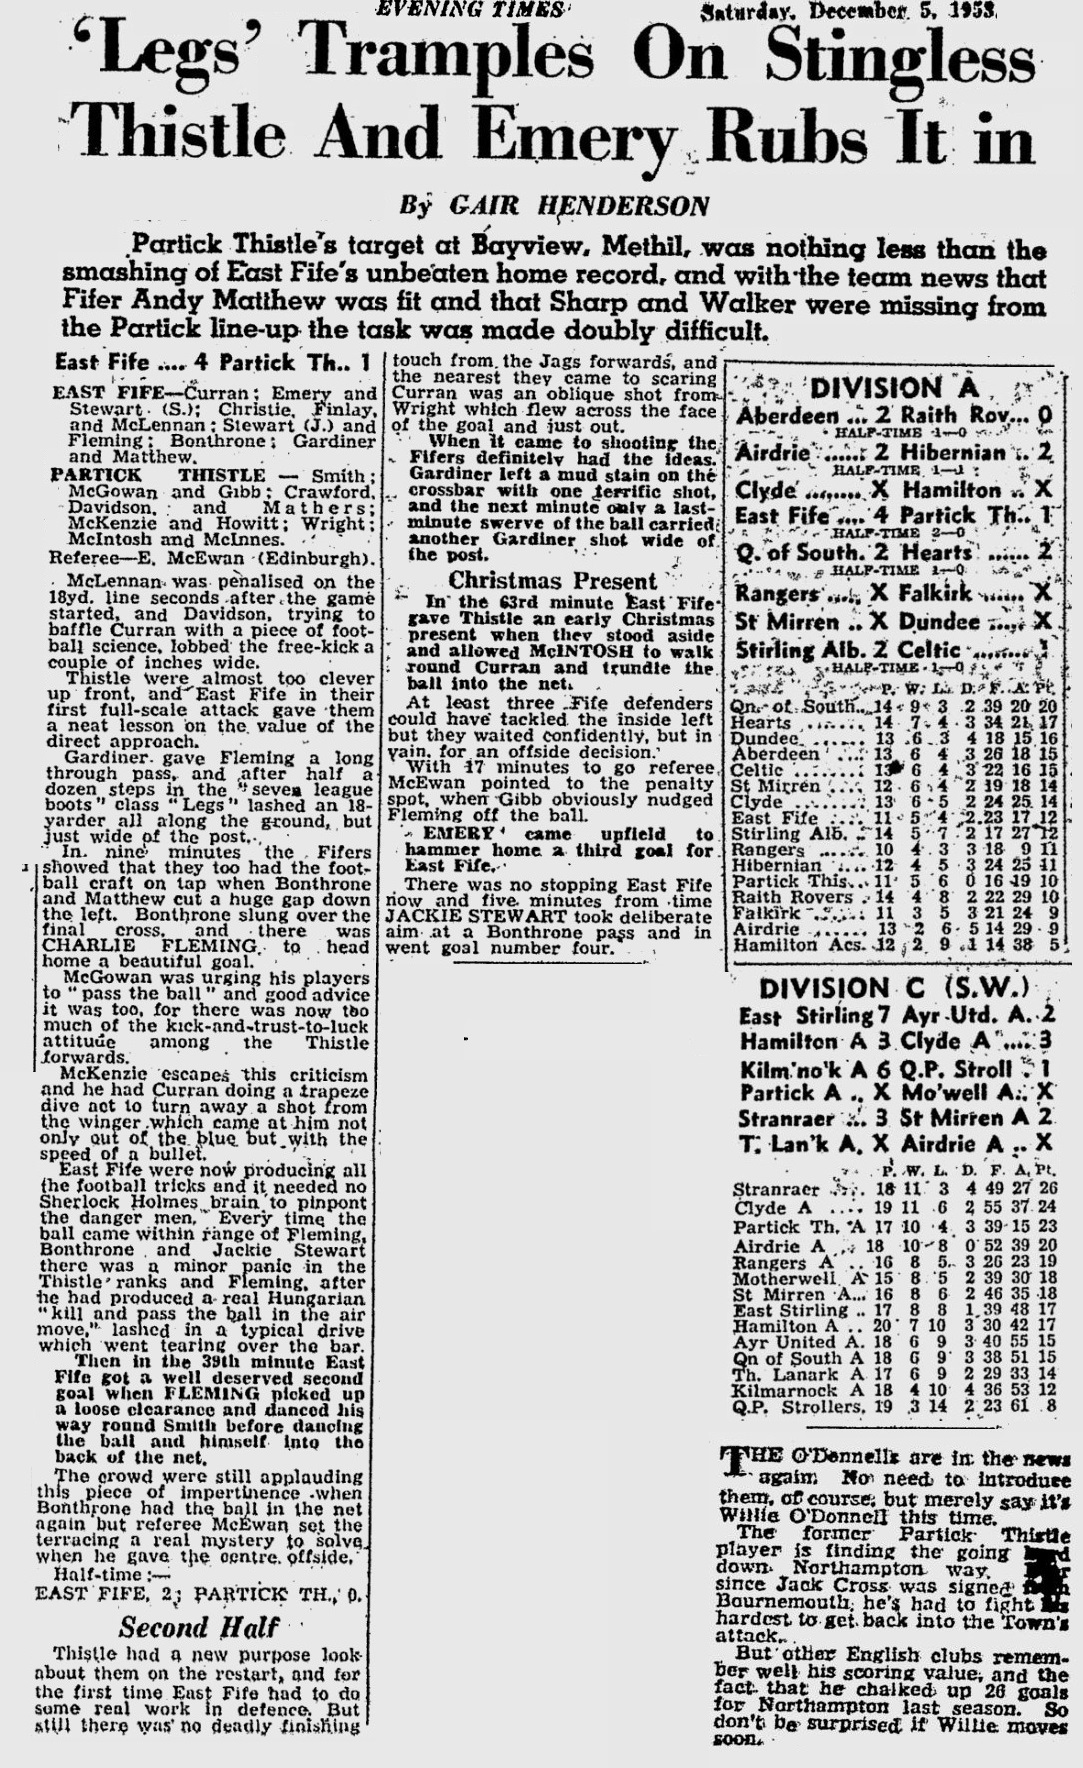 1953-12-05.jpg